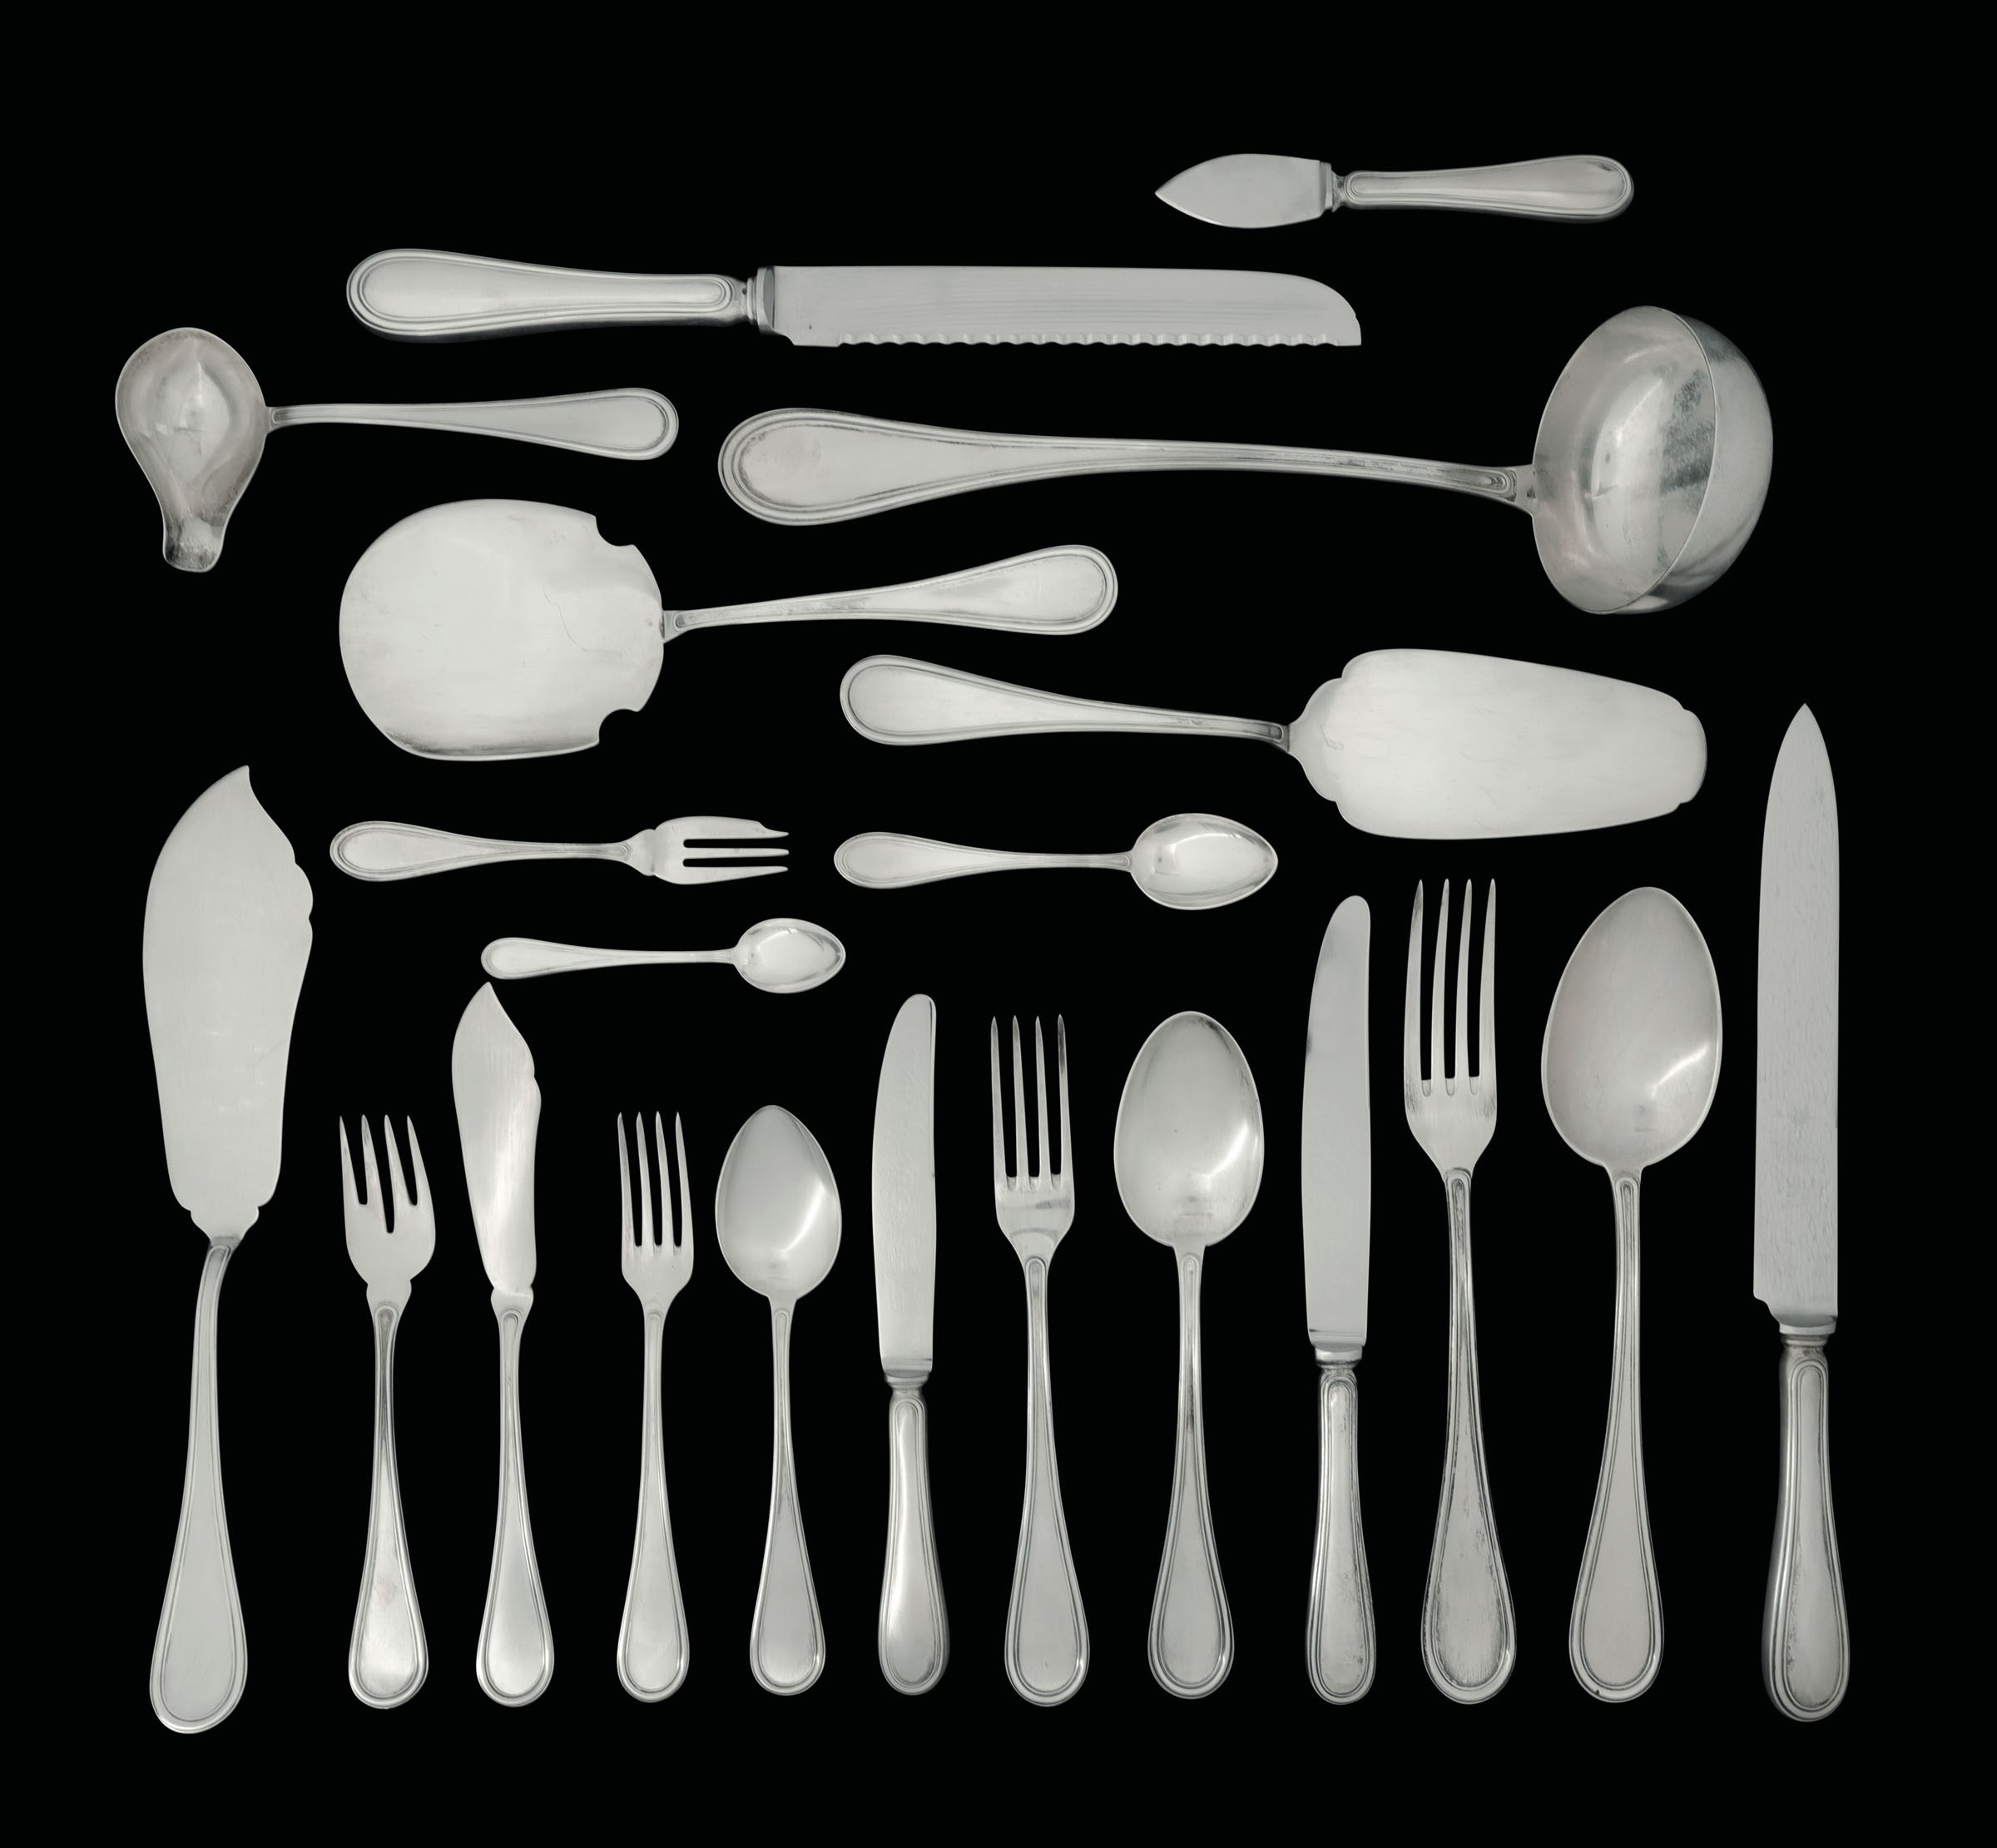 Lot 42 - Servizio di posate in argento da dodici. Argenteria italiana del XX secolo. [...]